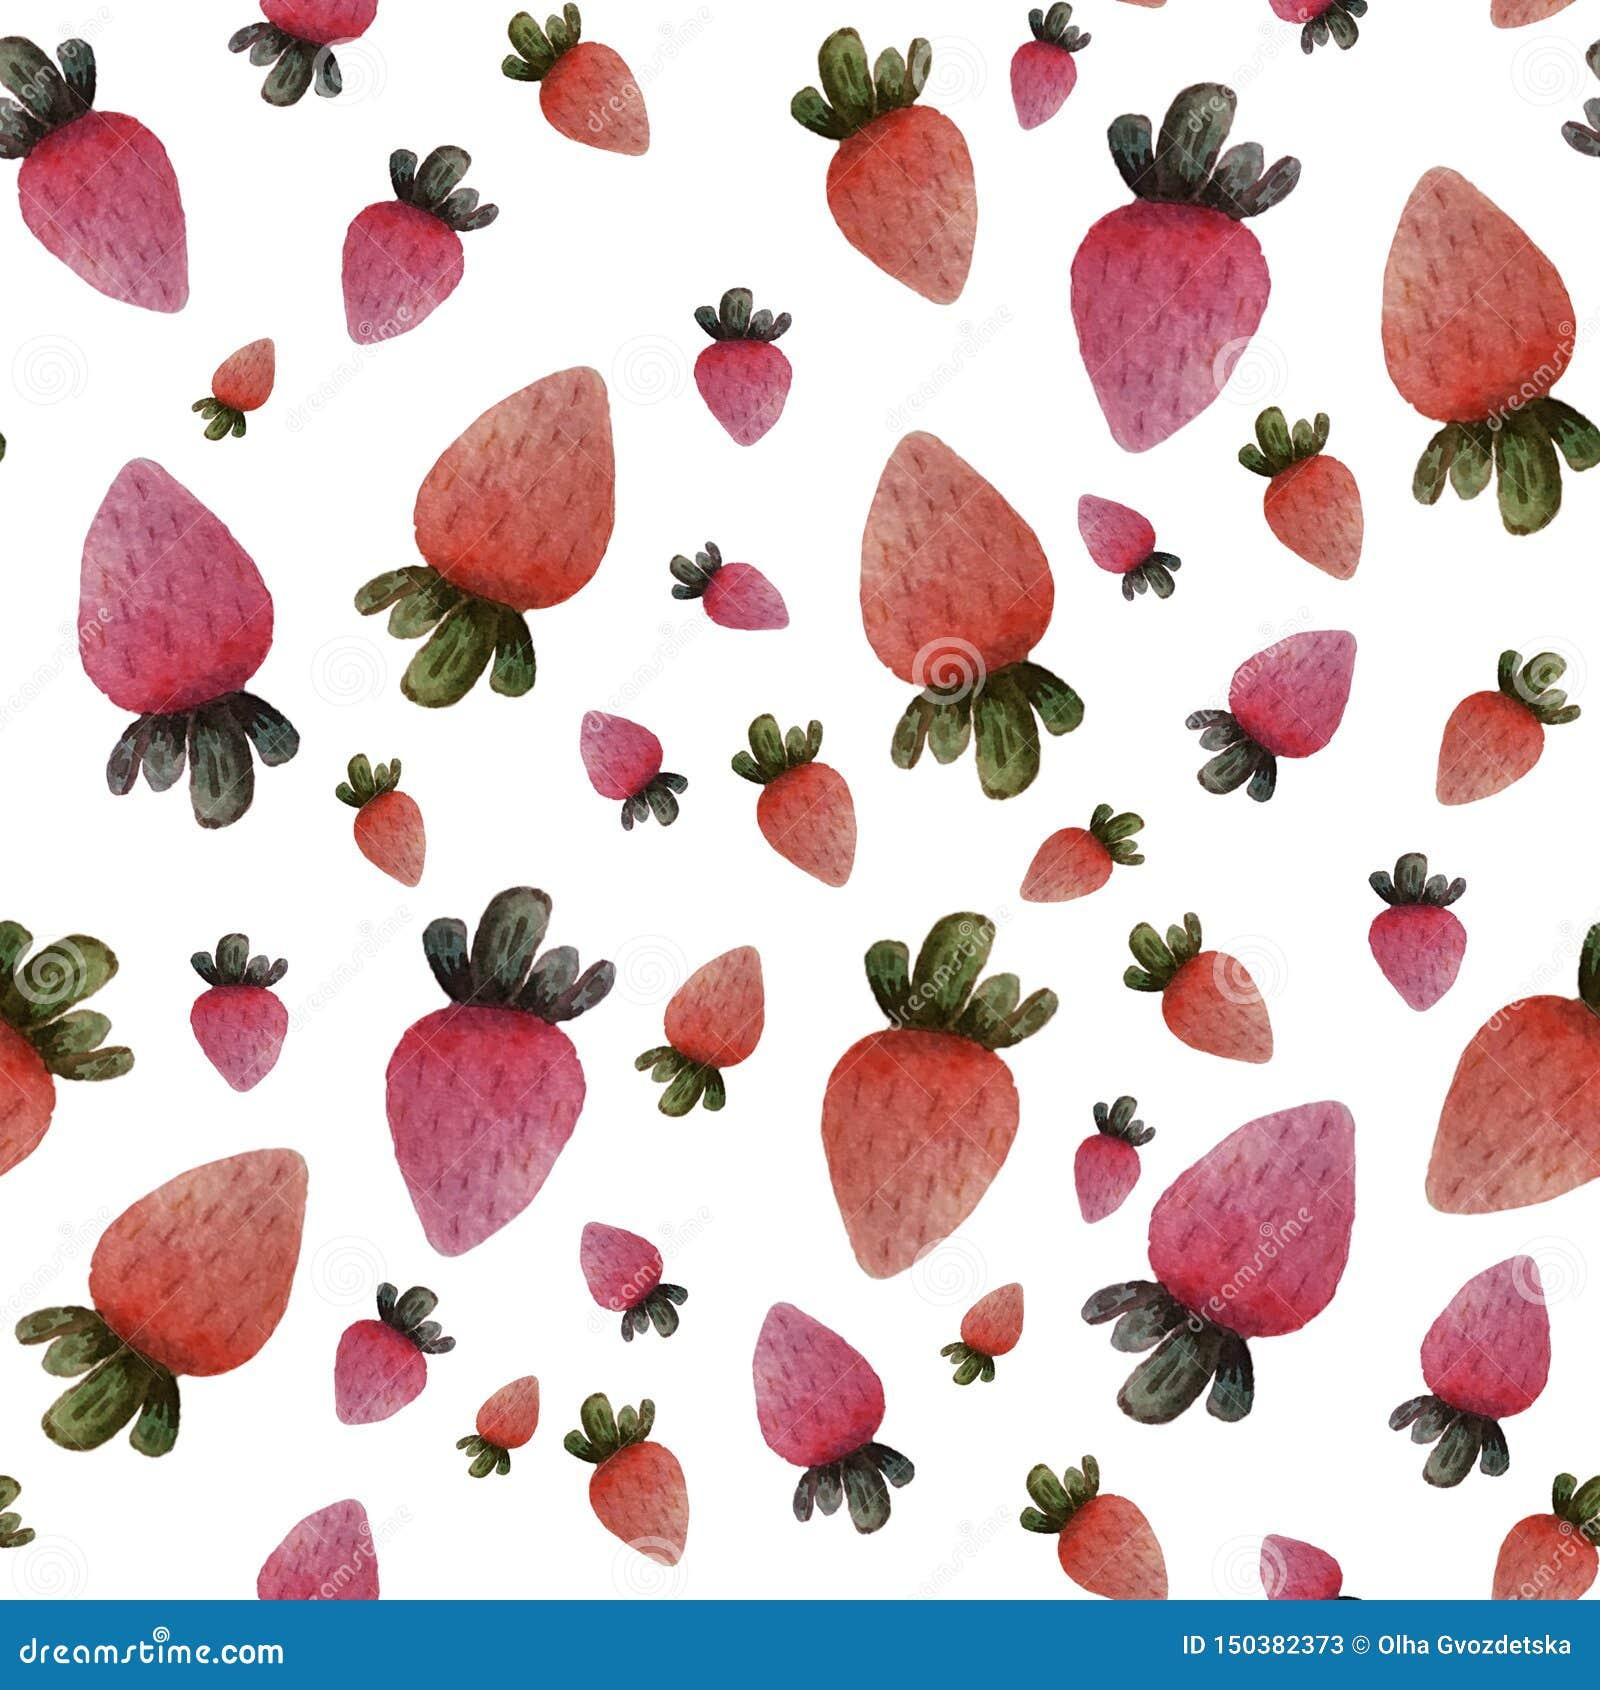 Άνευ ραφής απομονωμένες ζωηρόχρωμες φράουλες watercolor στο άσπρο υπόβαθρο